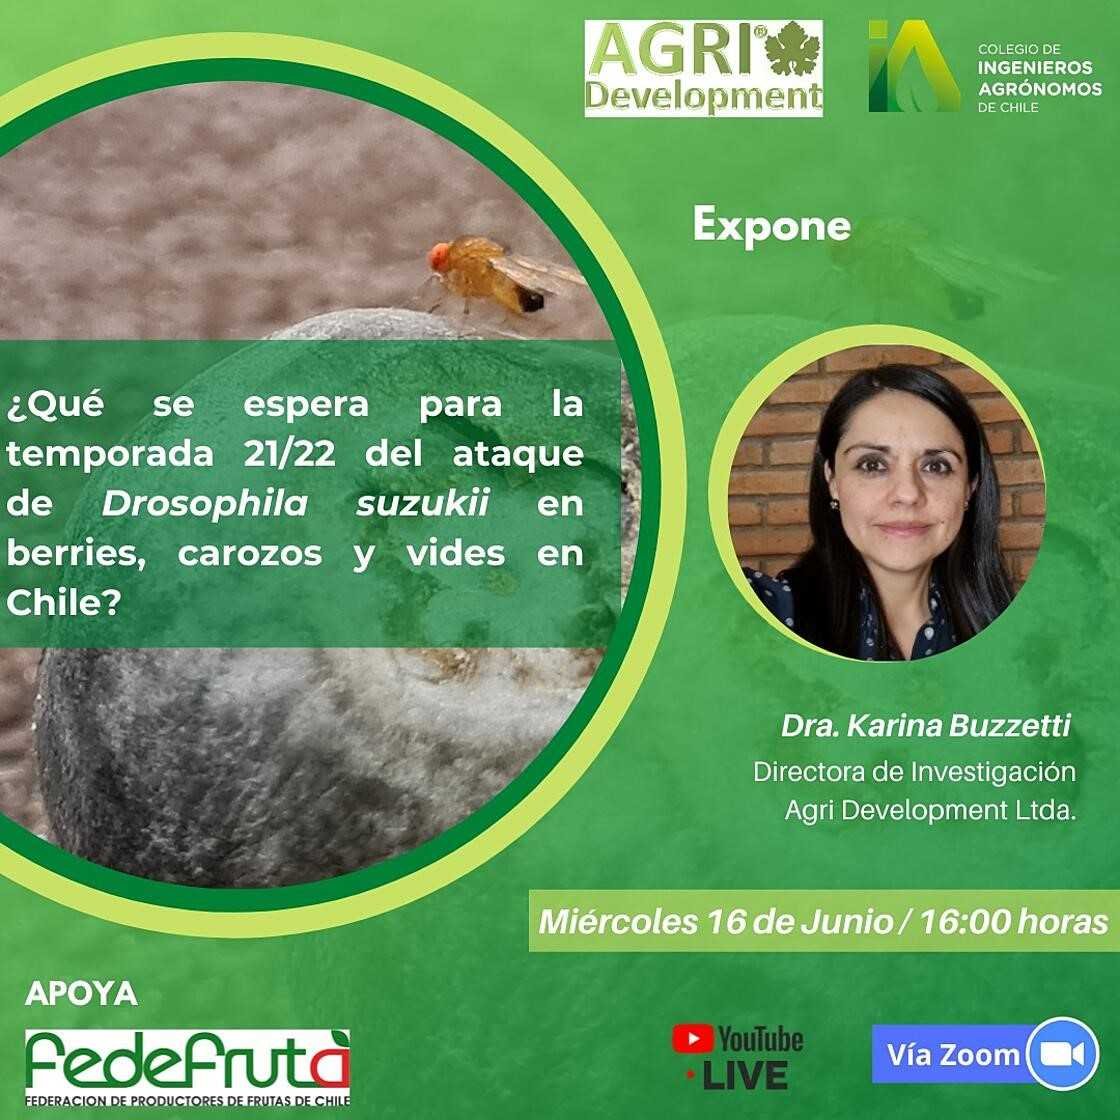 Charla ¿Qué se espera para la temporada 21/22 del ataque de Drosophila suzukii en berries, carozos y vides en Chile